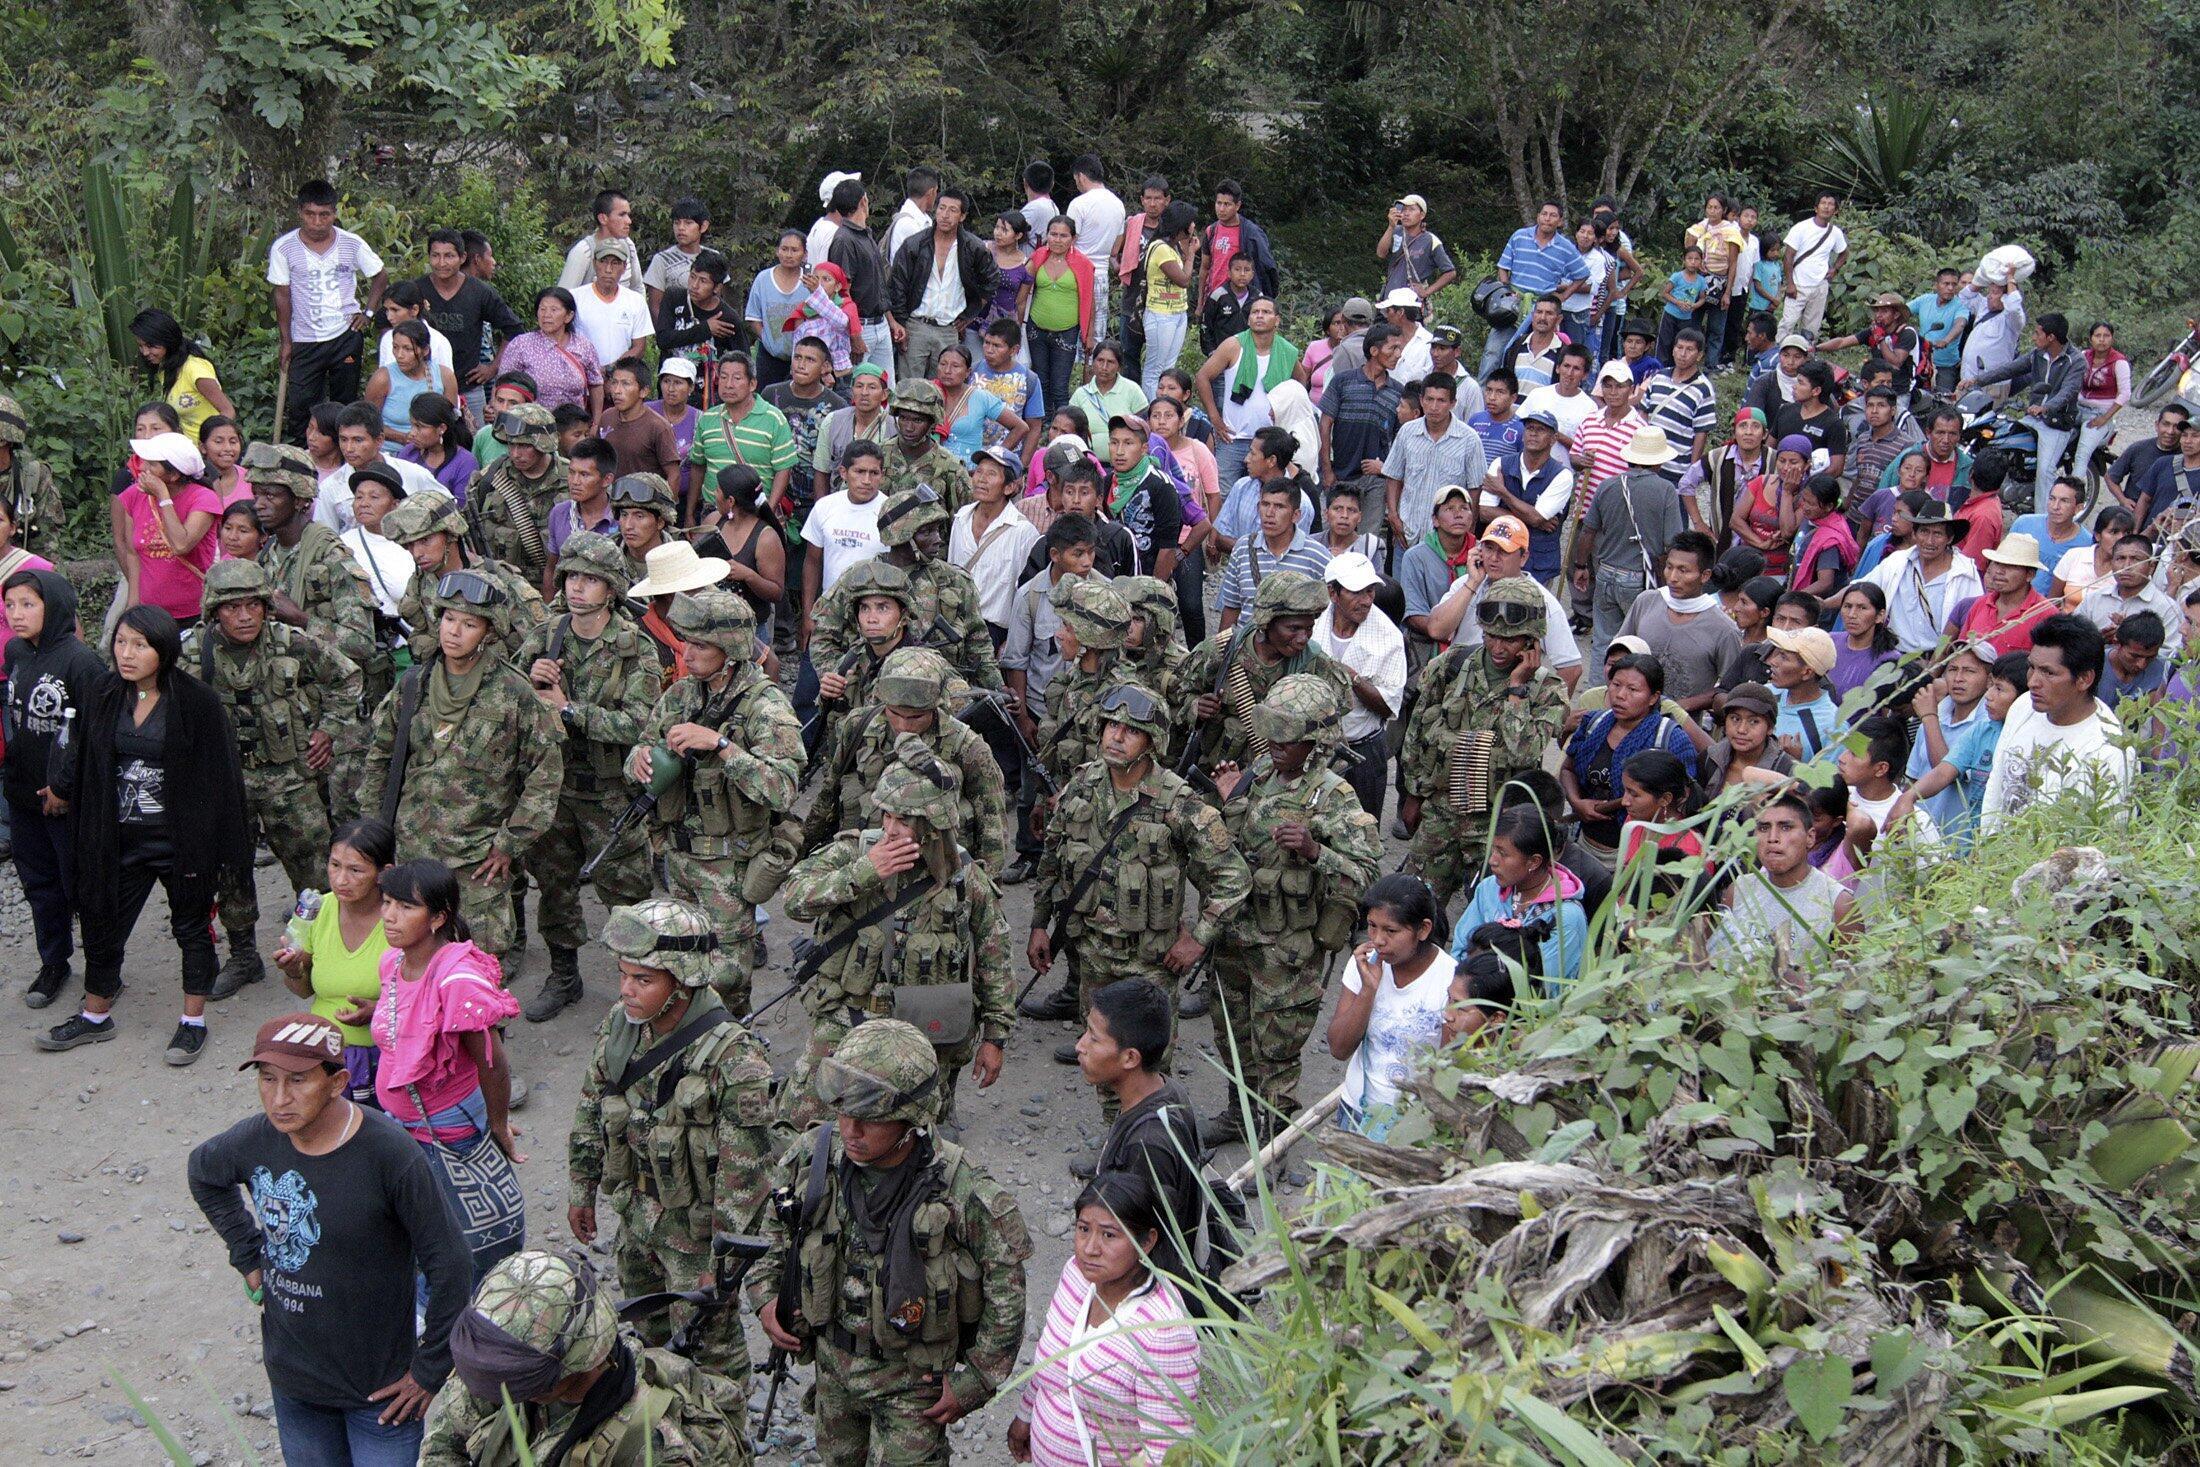 Los indígenas acompañan a los militares para entregarlos a las autoridades en Caldono, este 18 de julio de 2012.